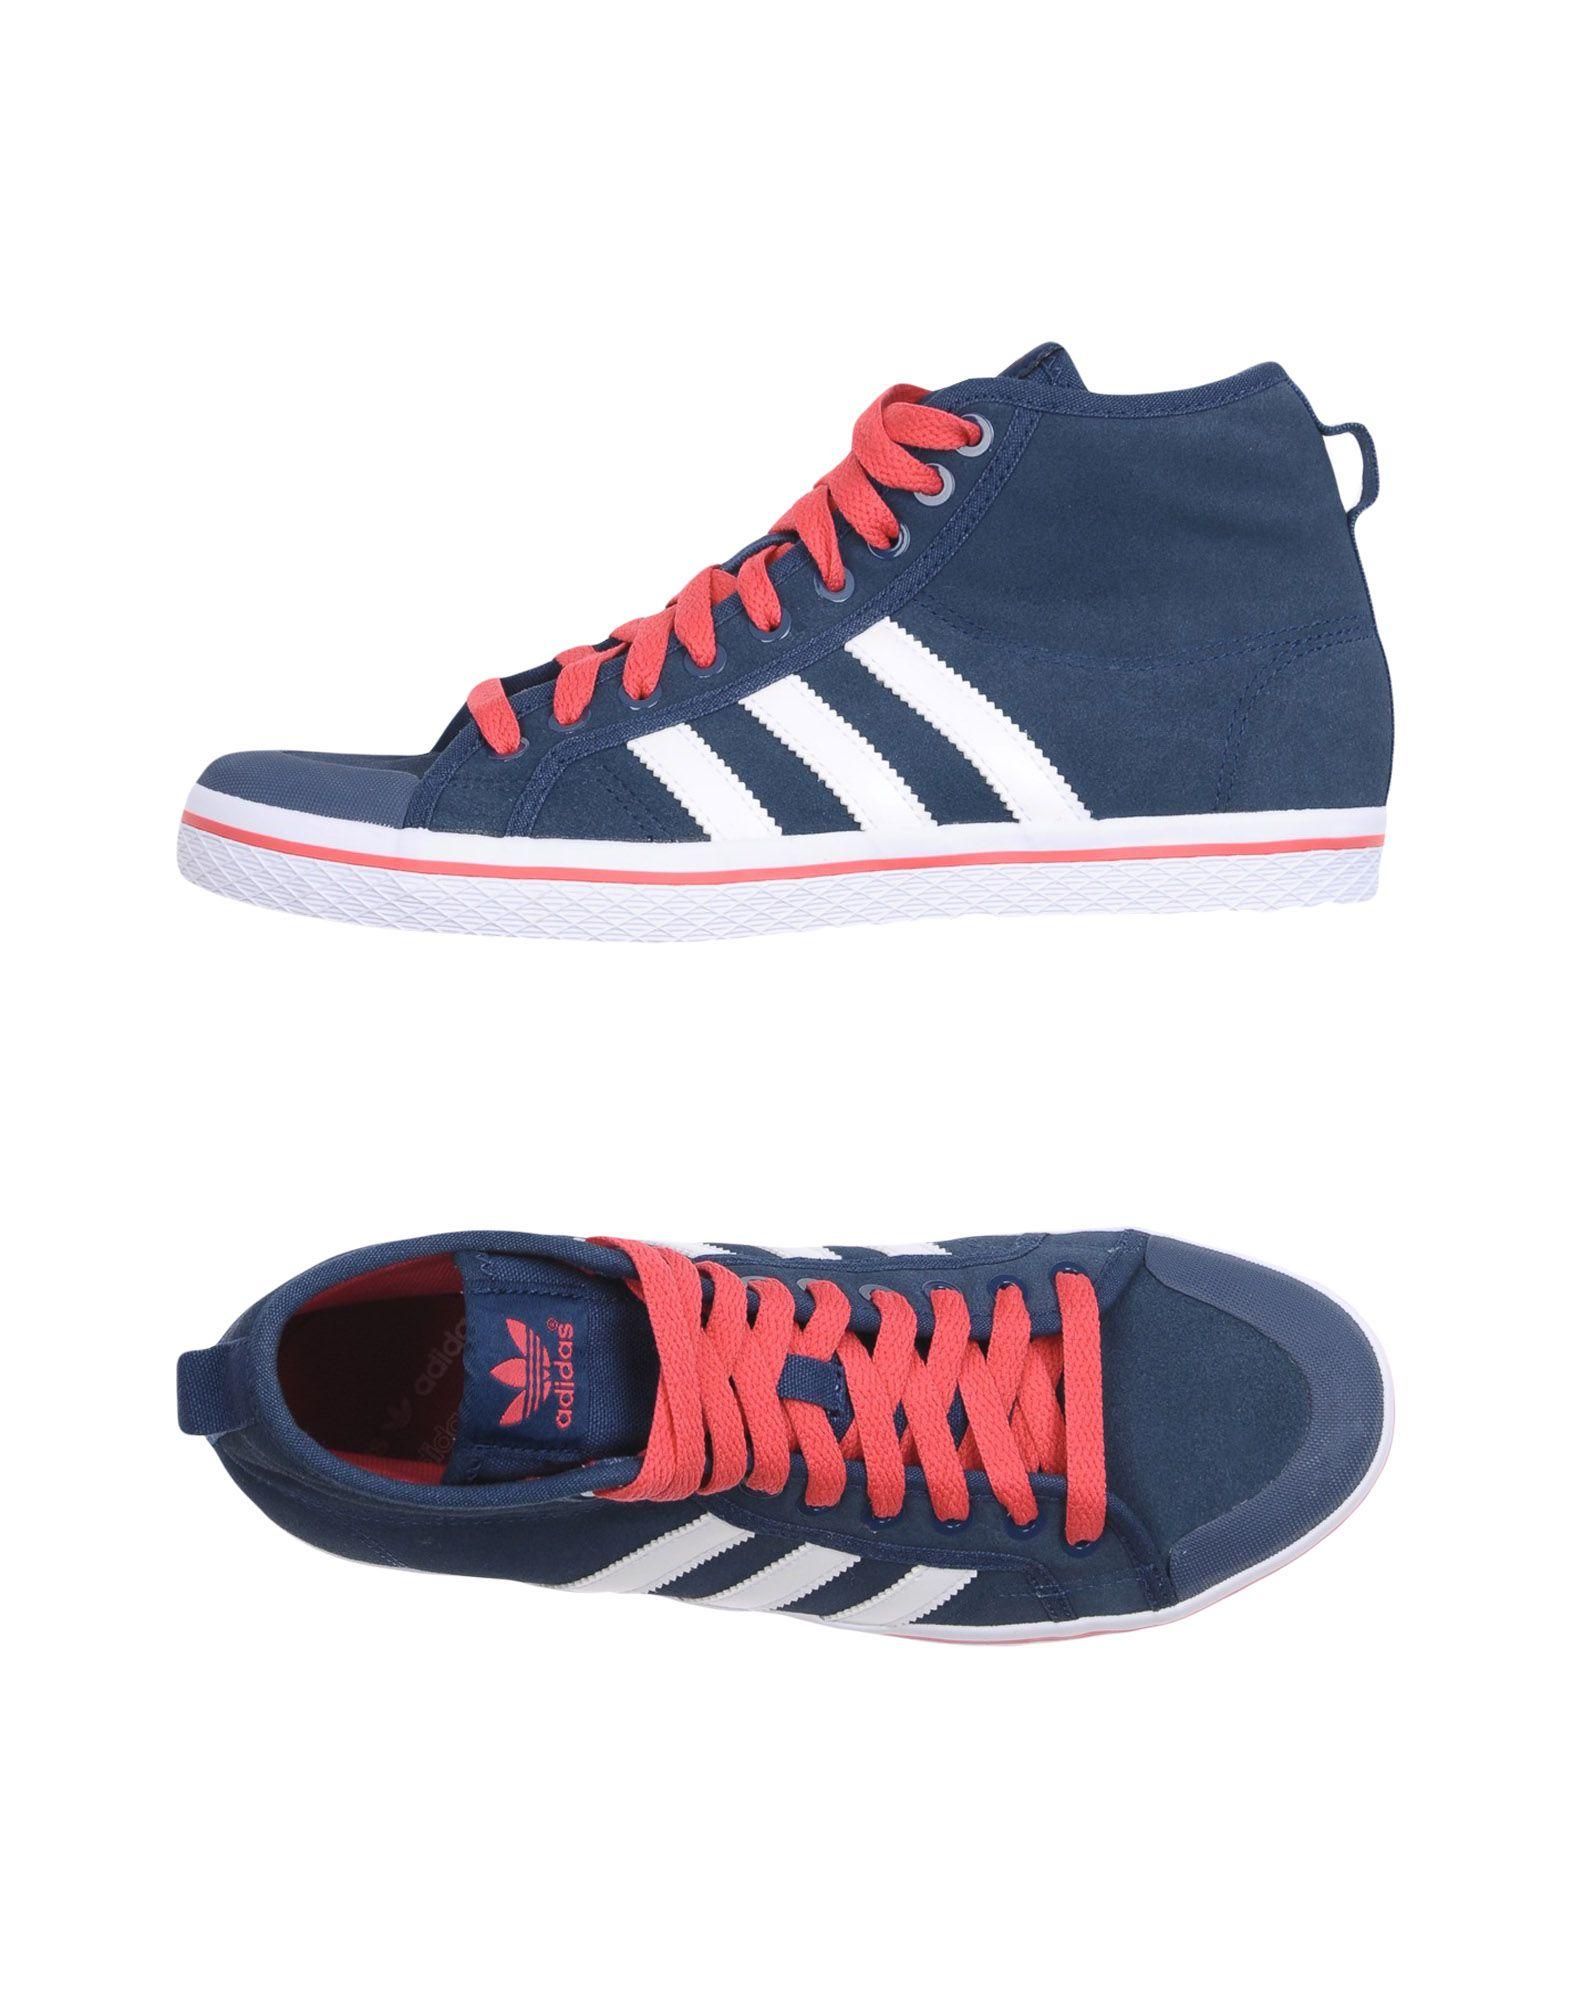 Baskets Adidas Originals Femme - Baskets Adidas Originals Bleu foncé Les chaussures les plus populaires pour les hommes et les femmes